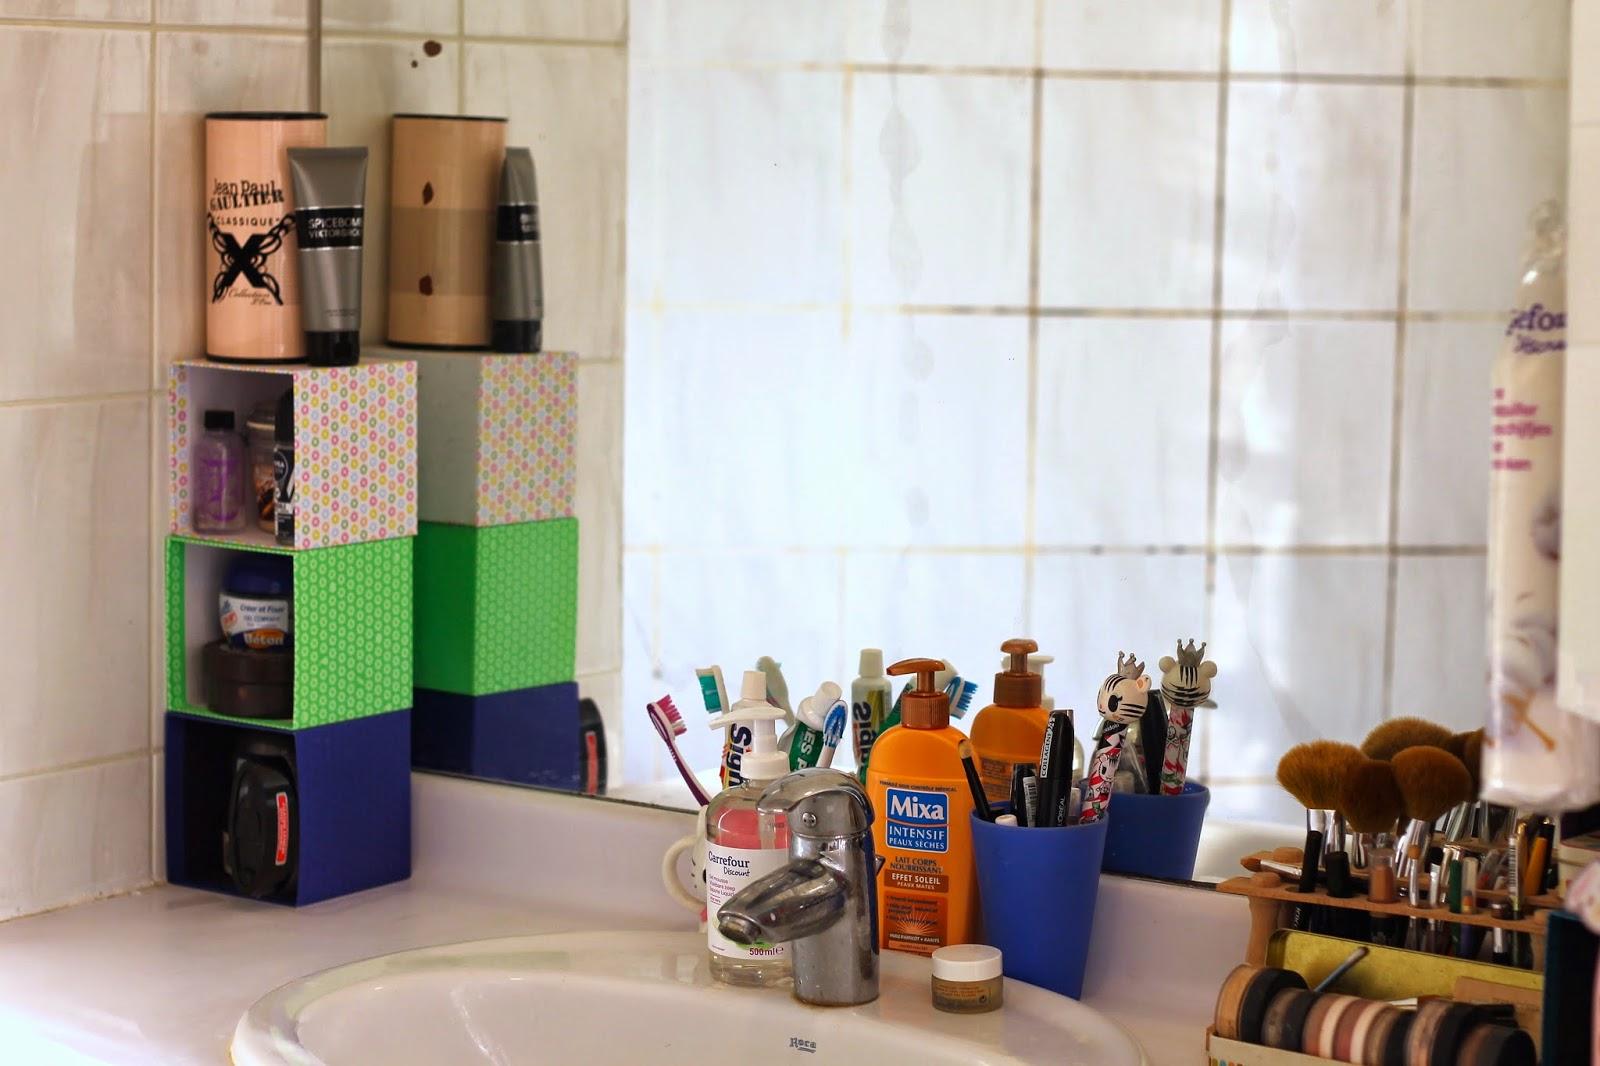 Deco salle de bain comment recycler ses objets usuels slanelle style - Objet de salle de bain ...